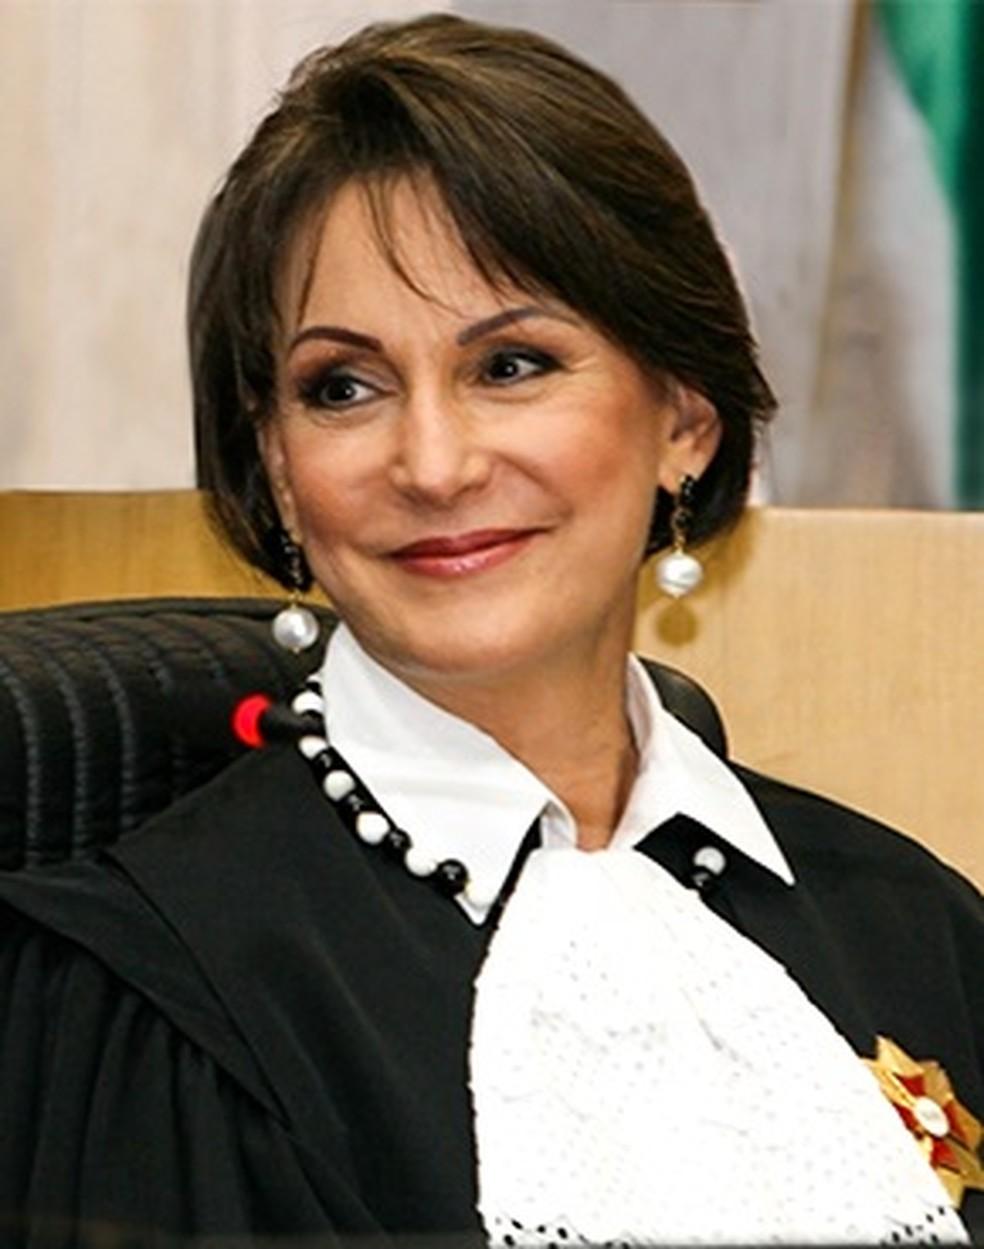 巴西高等劳工法院院长出现新冠肺炎症状入院观察